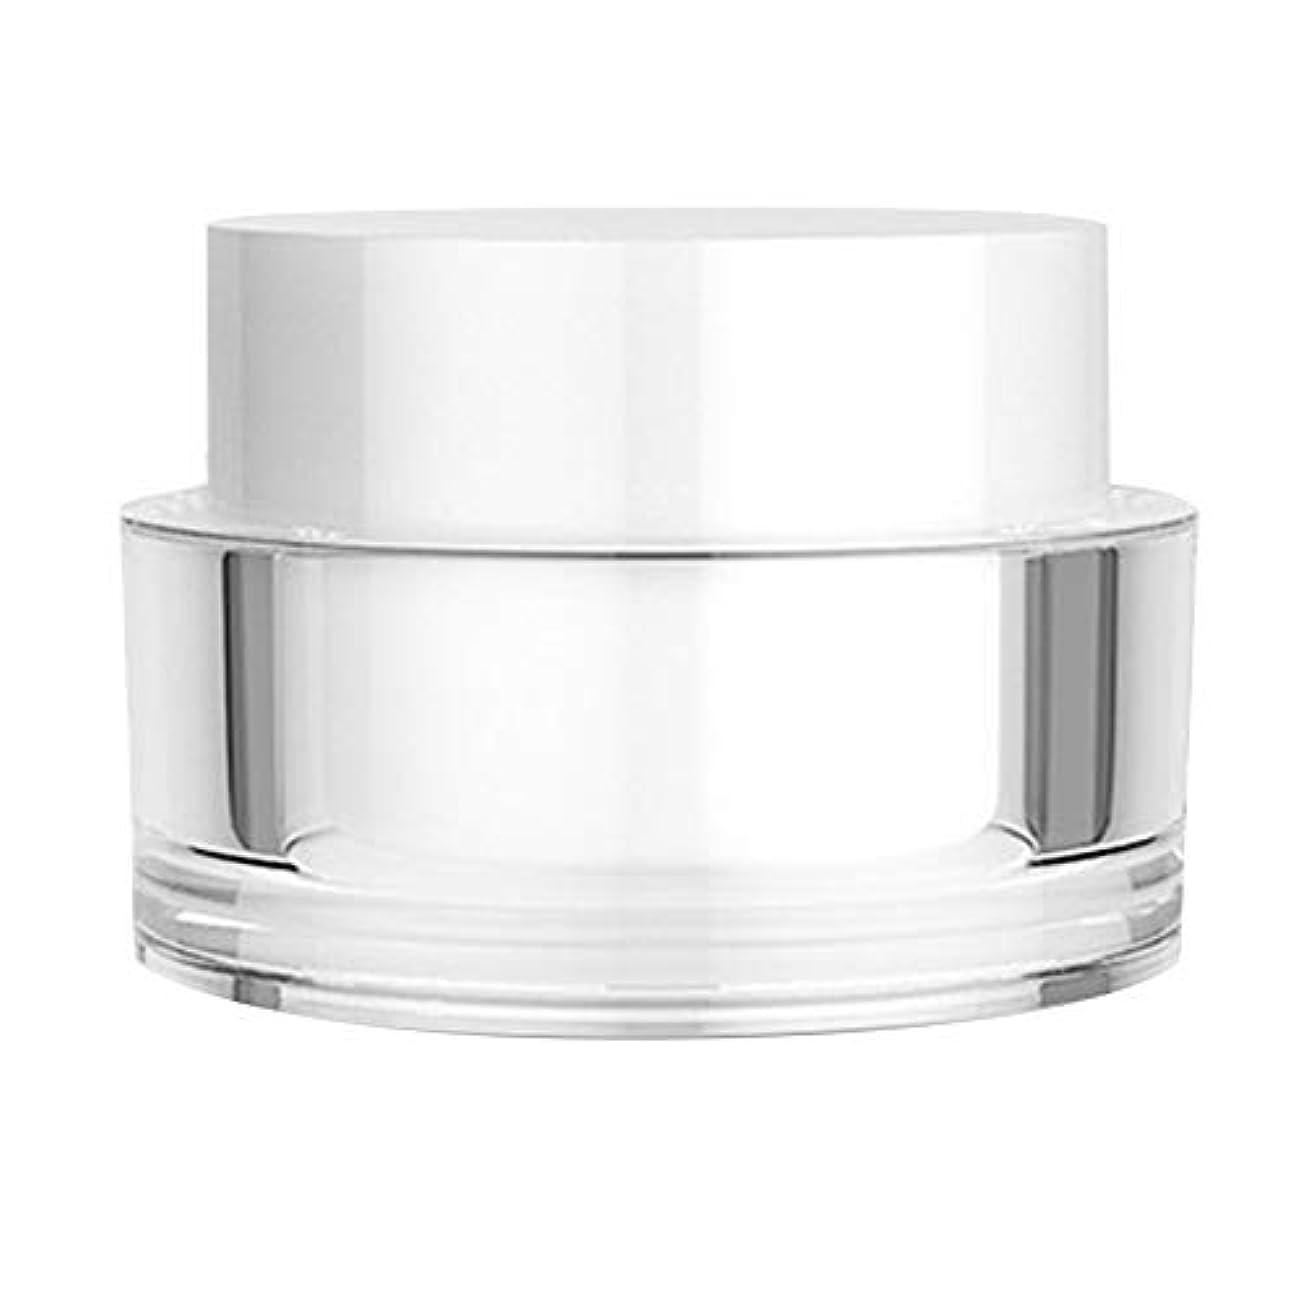 裸相手レビューVi.yo クリームケース 小分け容器 コスメ用詰替え容器 携帯便利 出張 旅行用品 50g